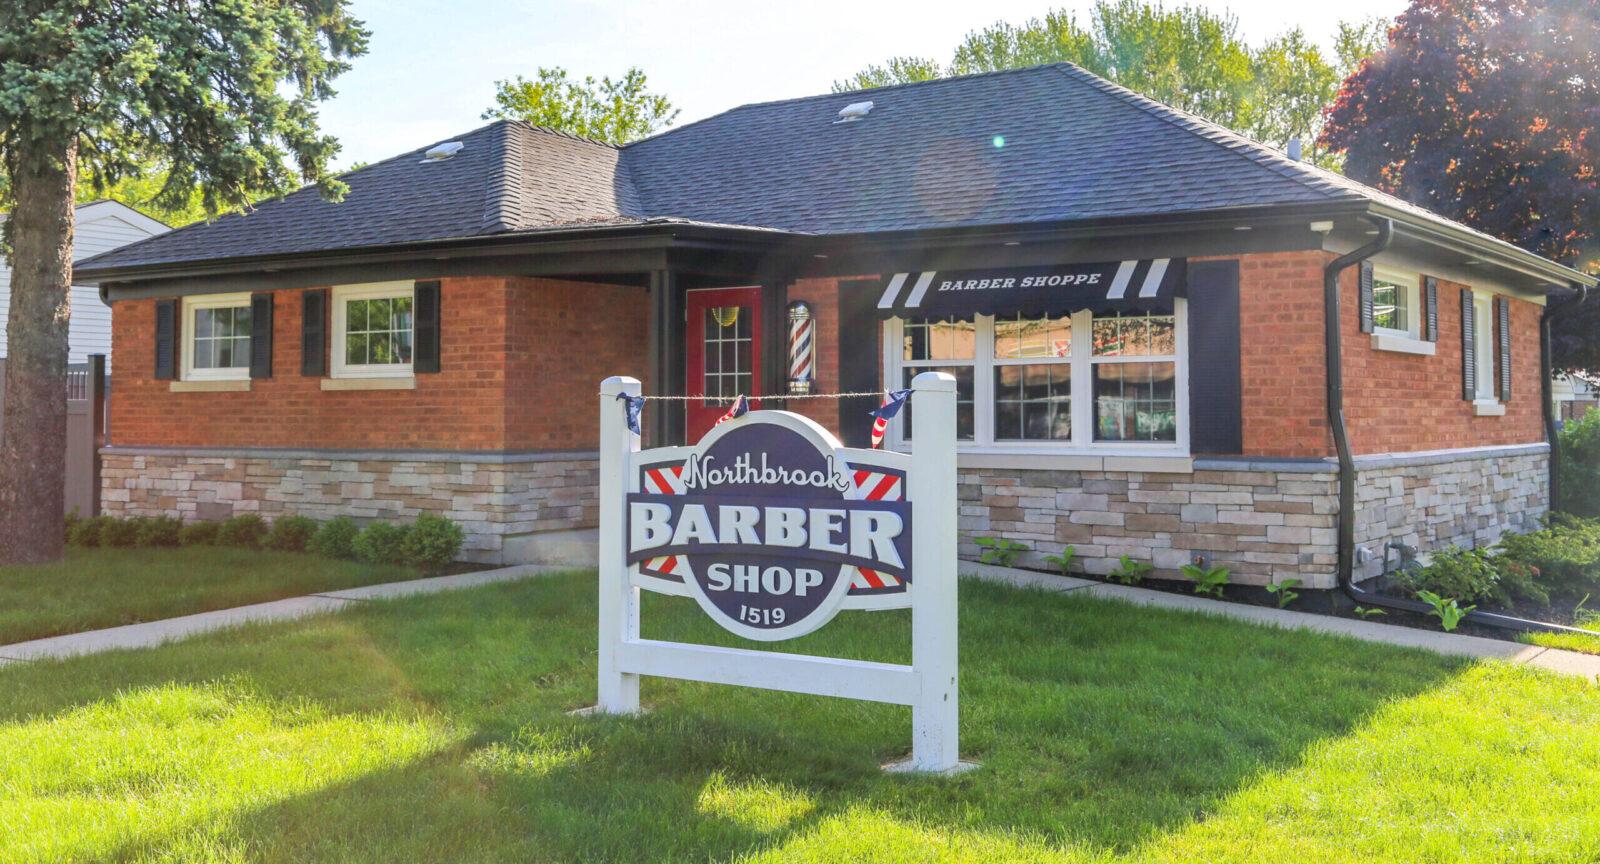 Northbrook Barber Shop sign